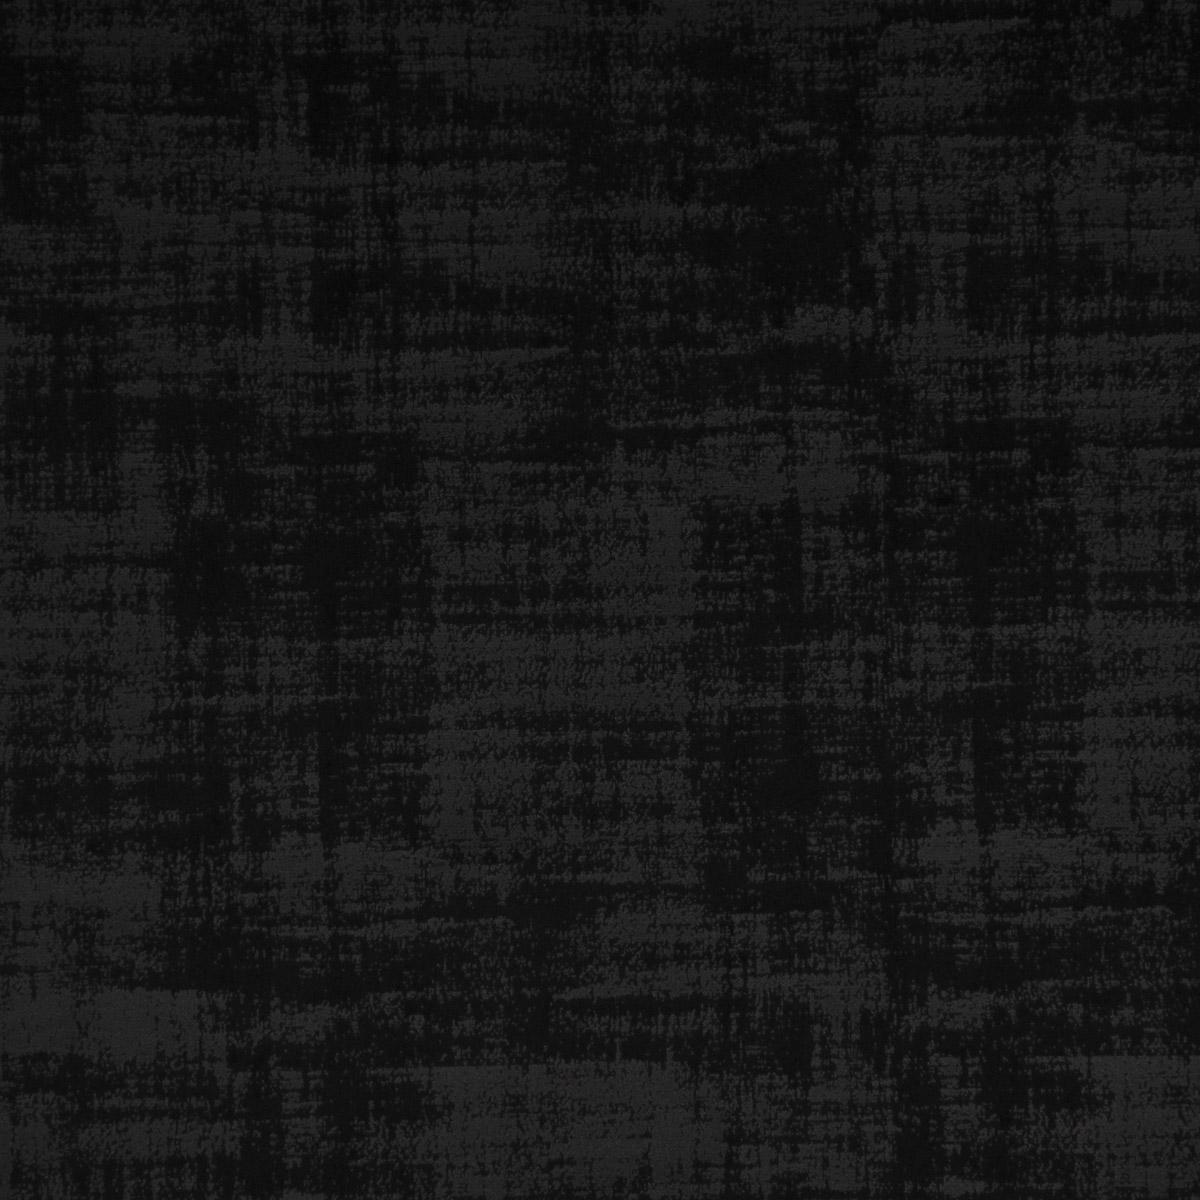 Samtstoff Dekostoff Velvet Marble Samt mit Struktur uni schwarz 1,40m Breite